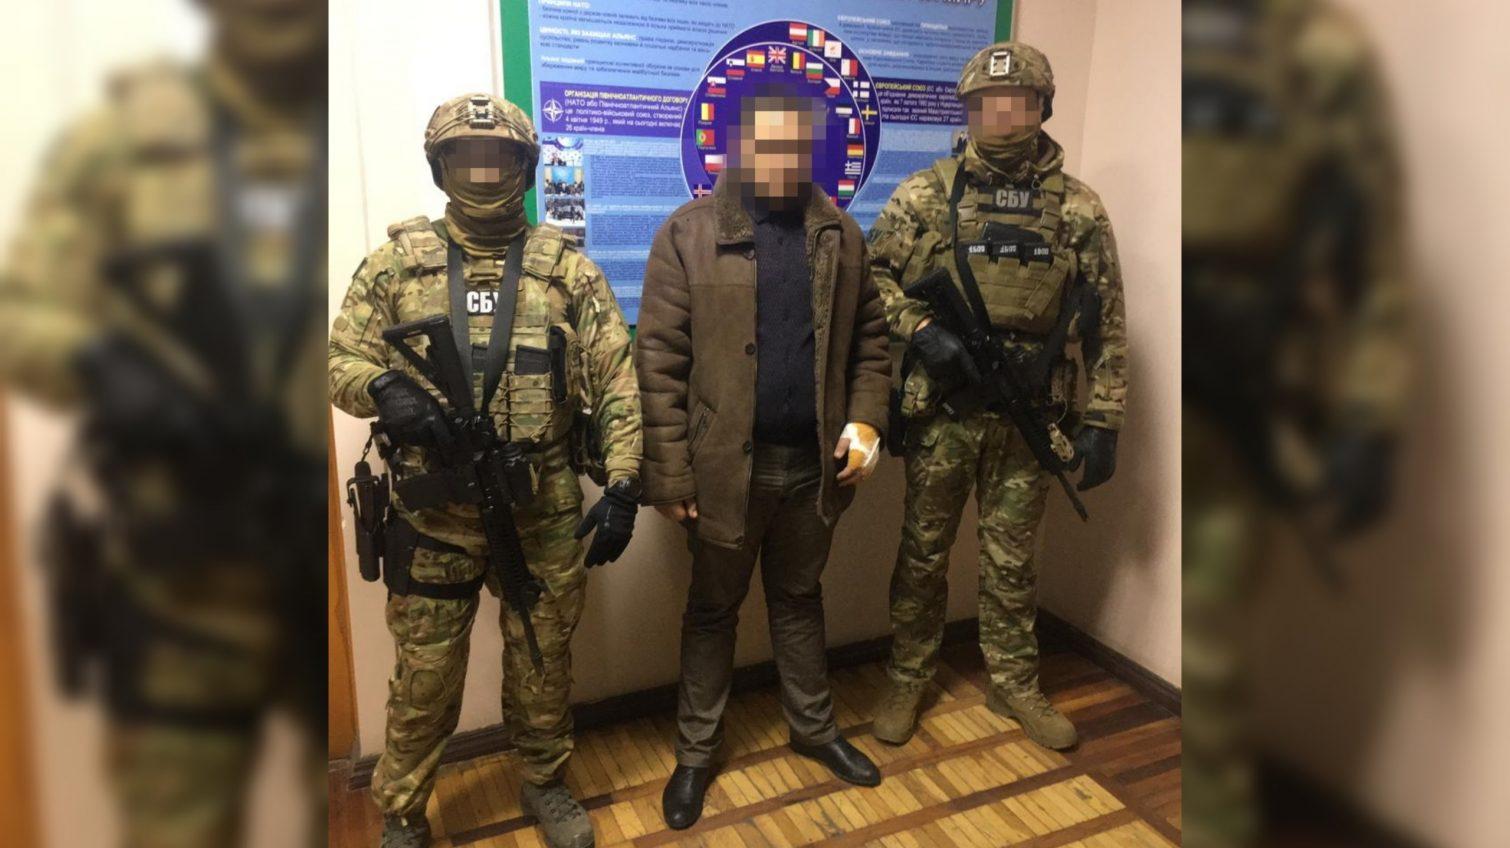 В Одесской области СБУ задержала командира диверсантов ЛНР (фото, видео) «фото»